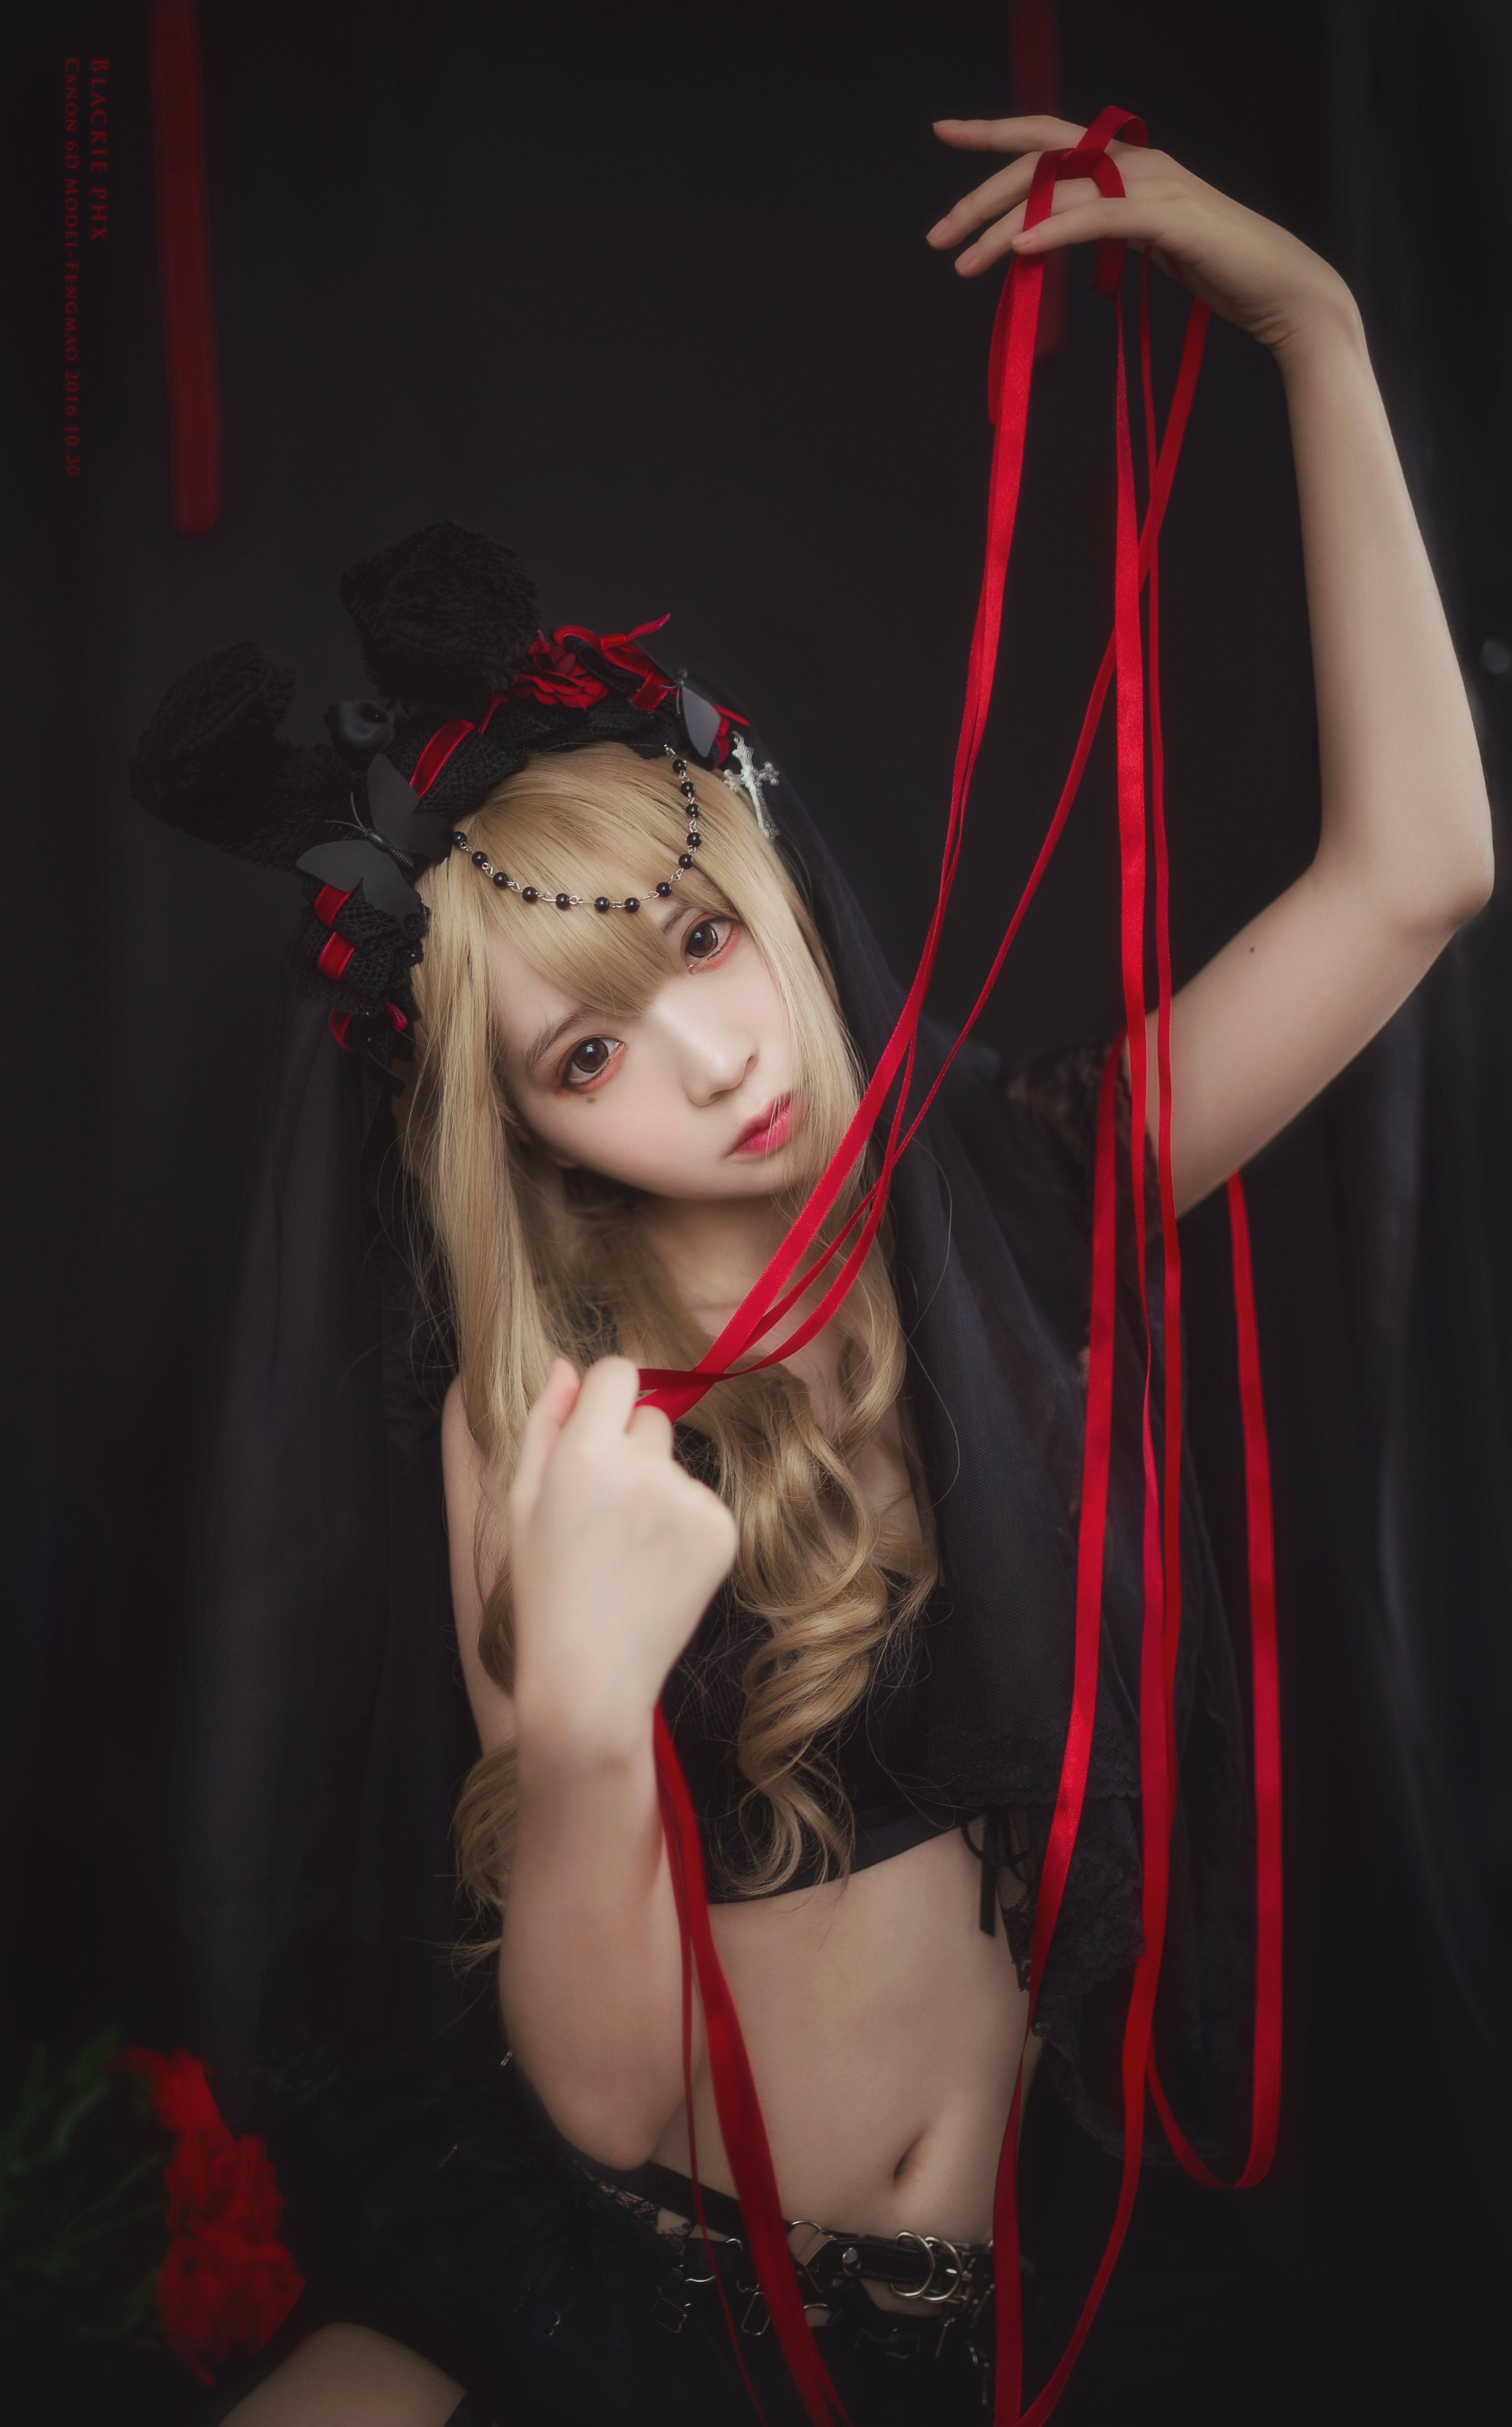 [疯猫 ss] NO.061 黑色玫瑰 [20P-27MB] 疯猫 ss